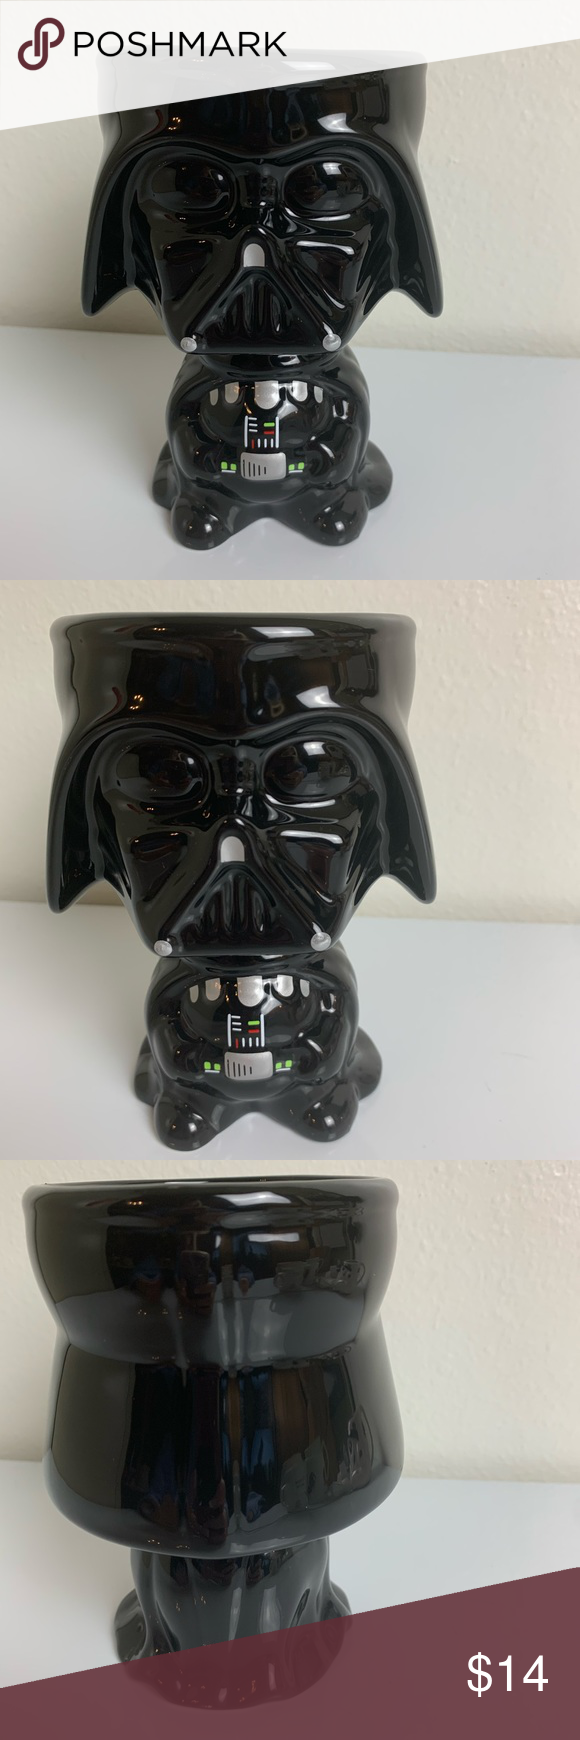 Star Wars Ceramic Galerie Darth Vader Coffee Mug In 2020 Coffee Mugs Ceramics Mugs